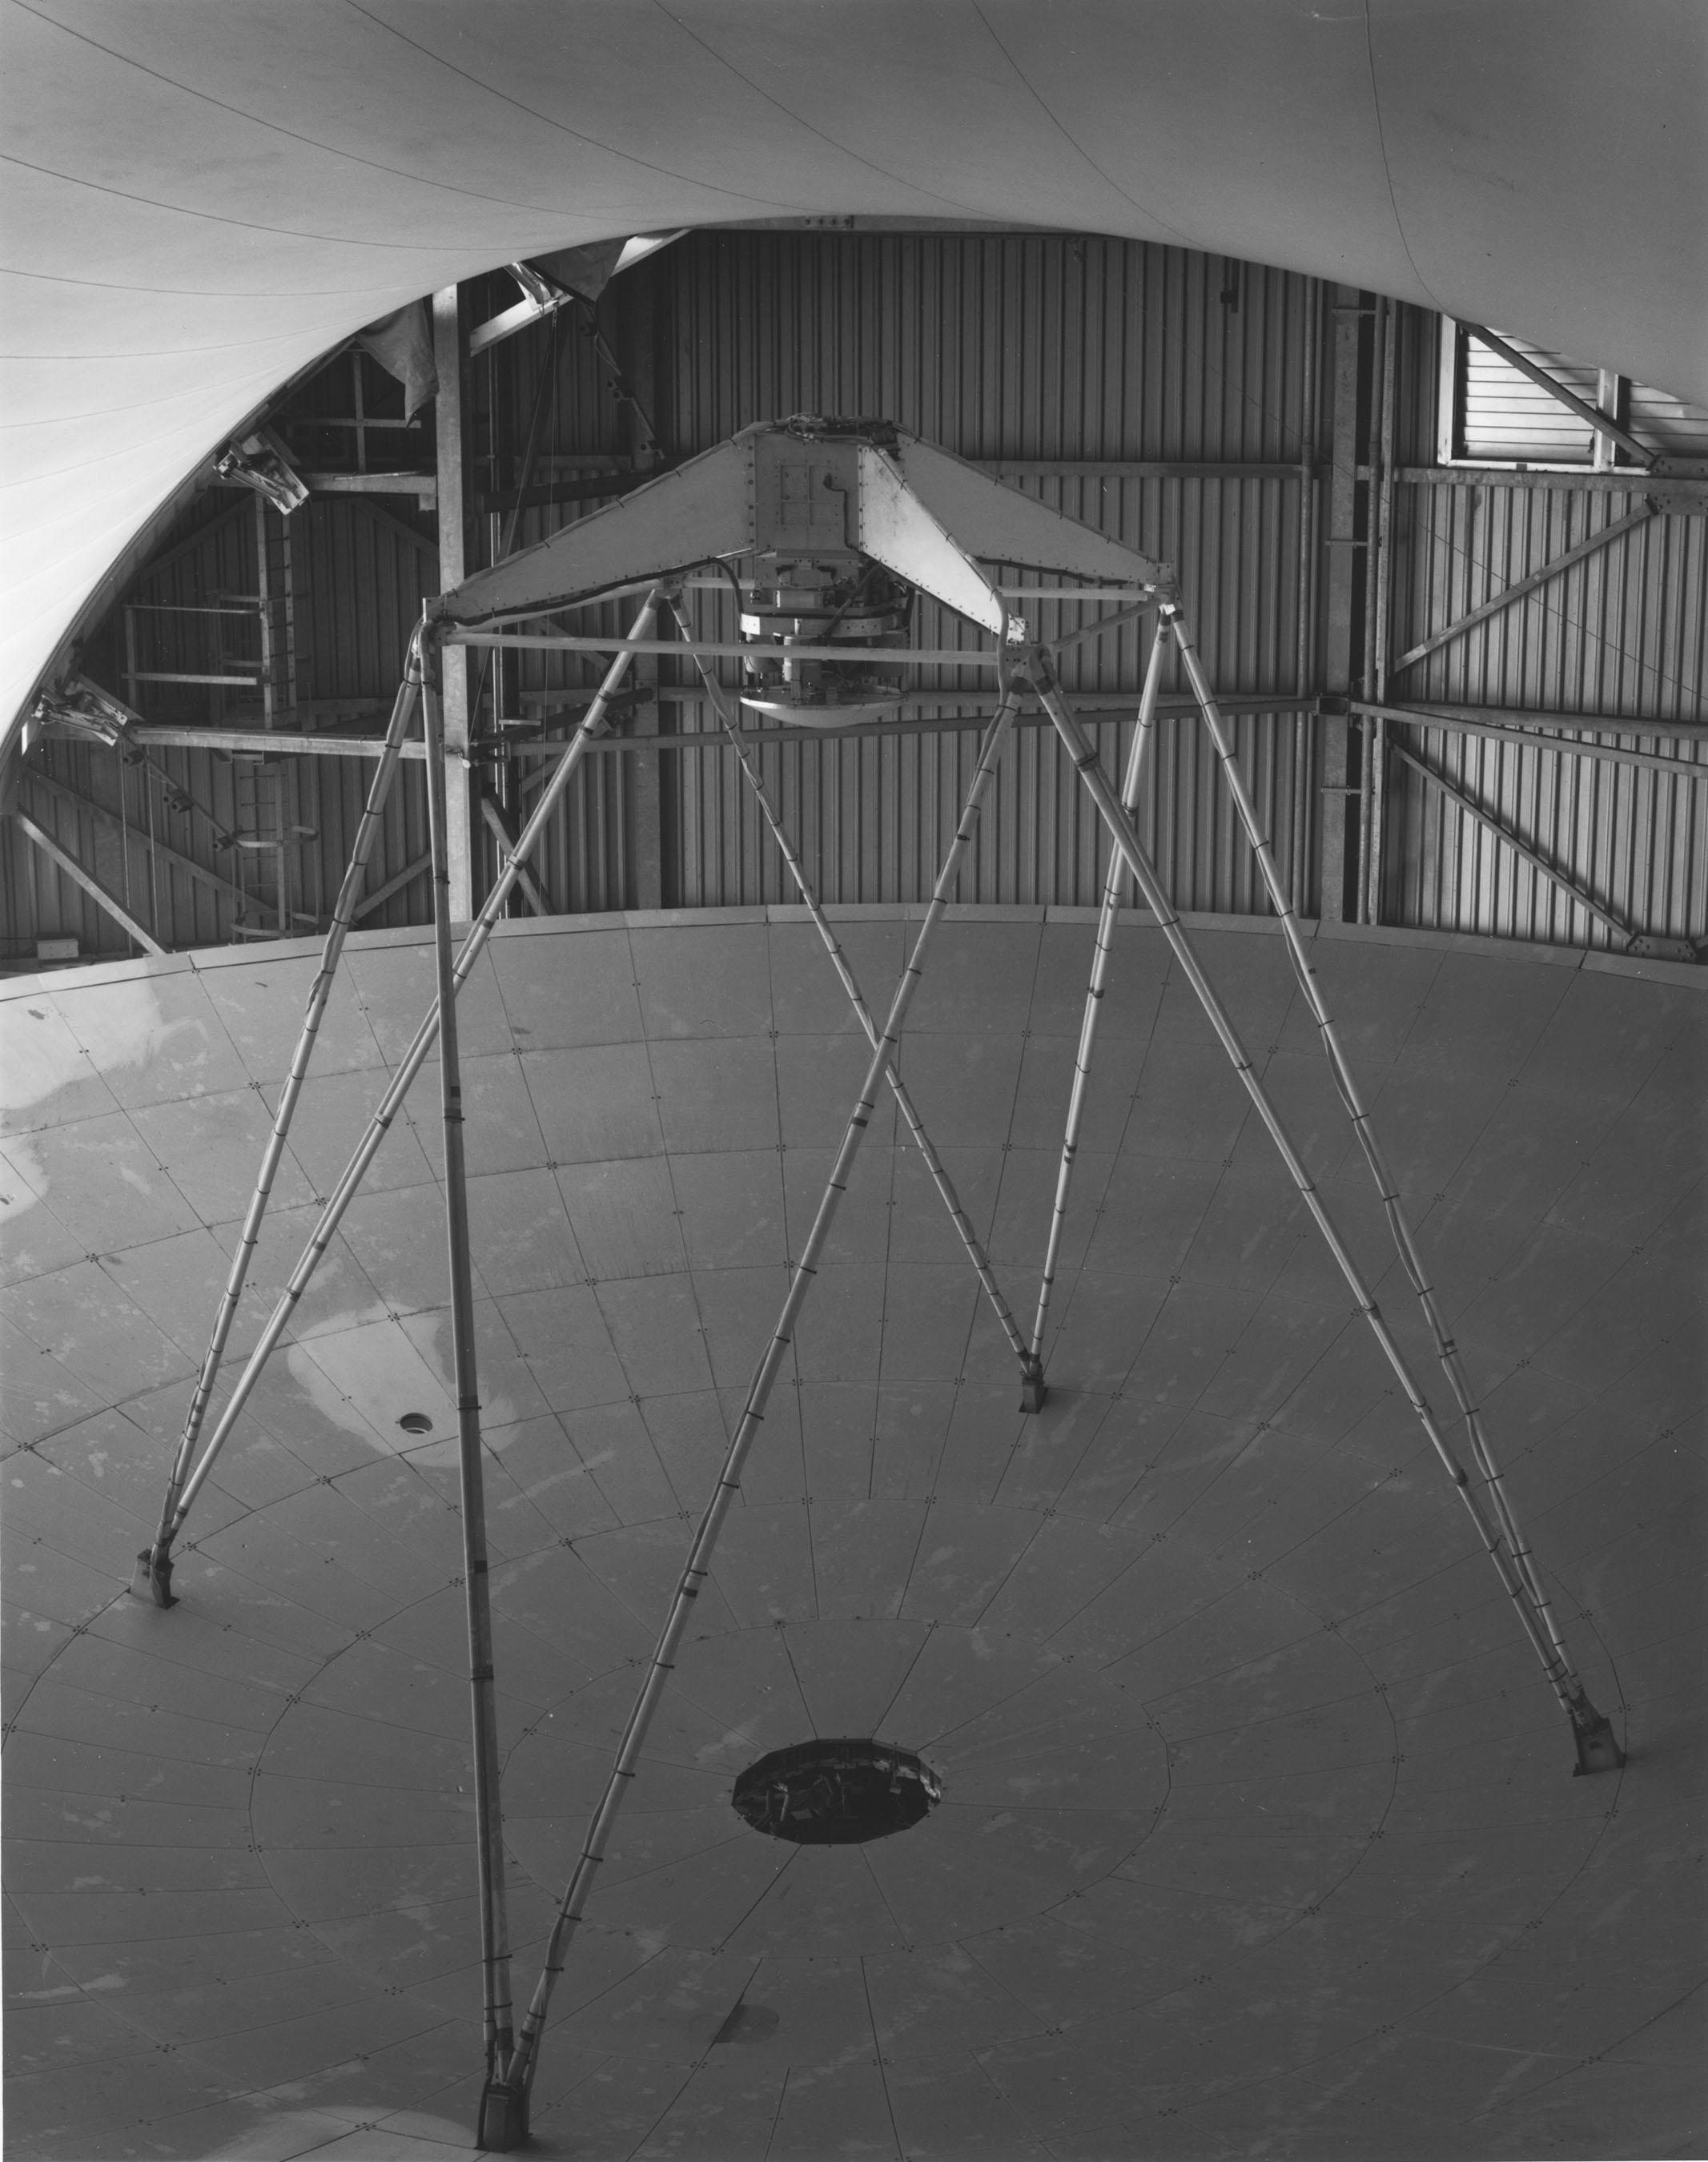 James Clerk Maxwell Telescope, Mauna Kea, Hawaii,